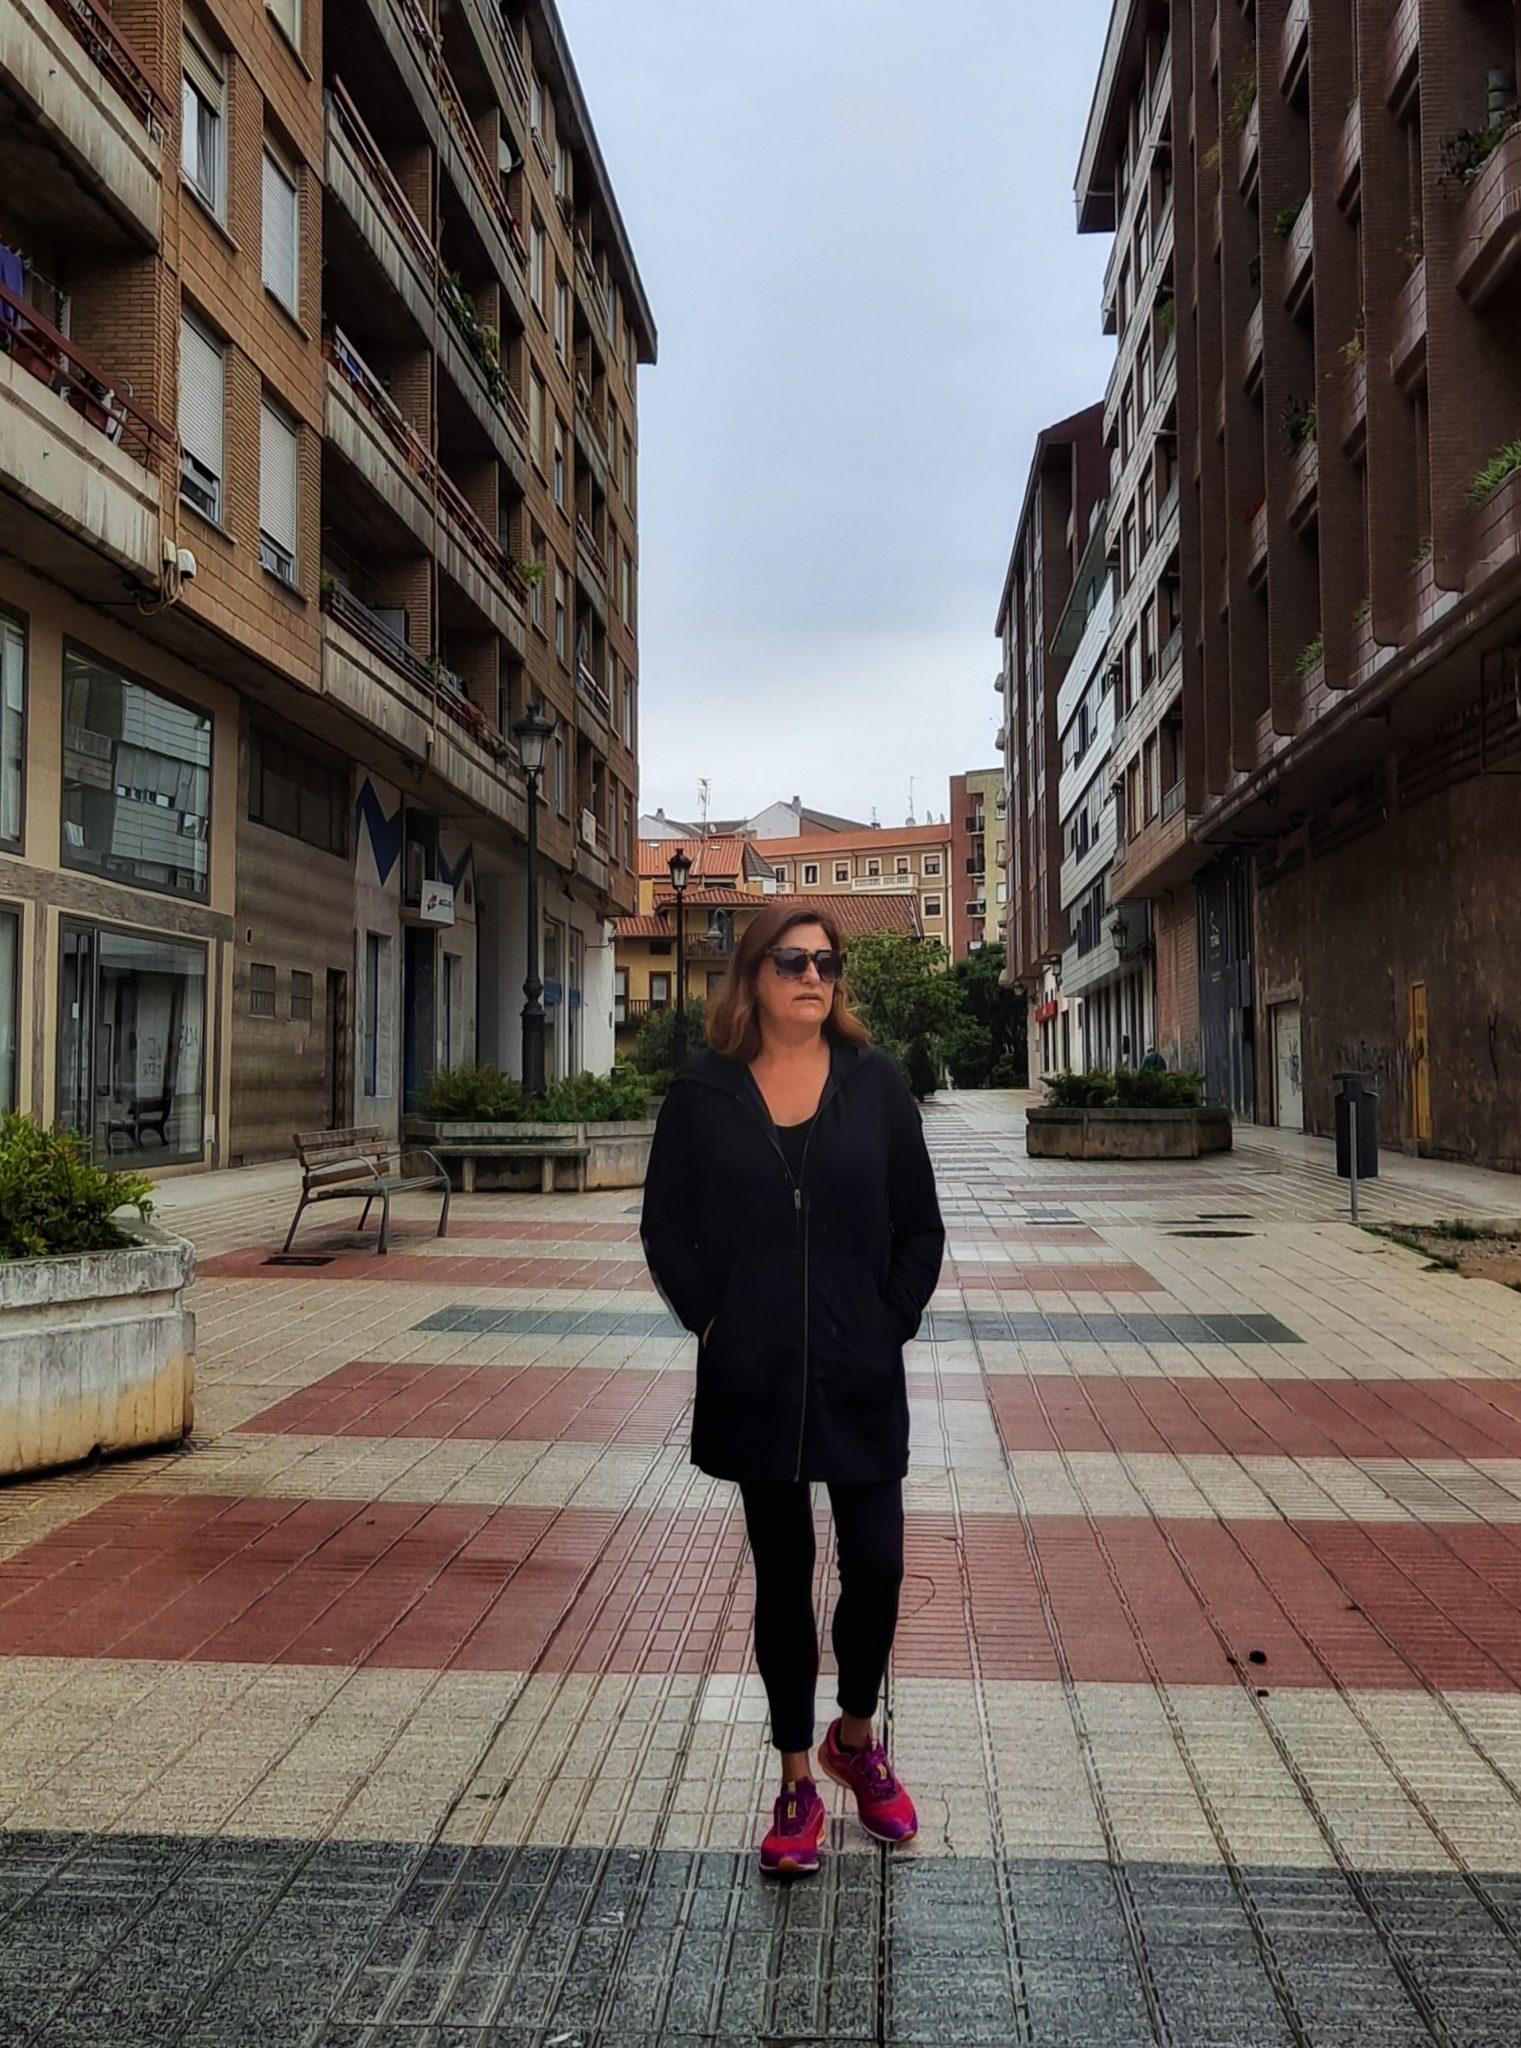 maribel caminando por las calles de Torrelavega con calzado deportivo y ropa cómoda.